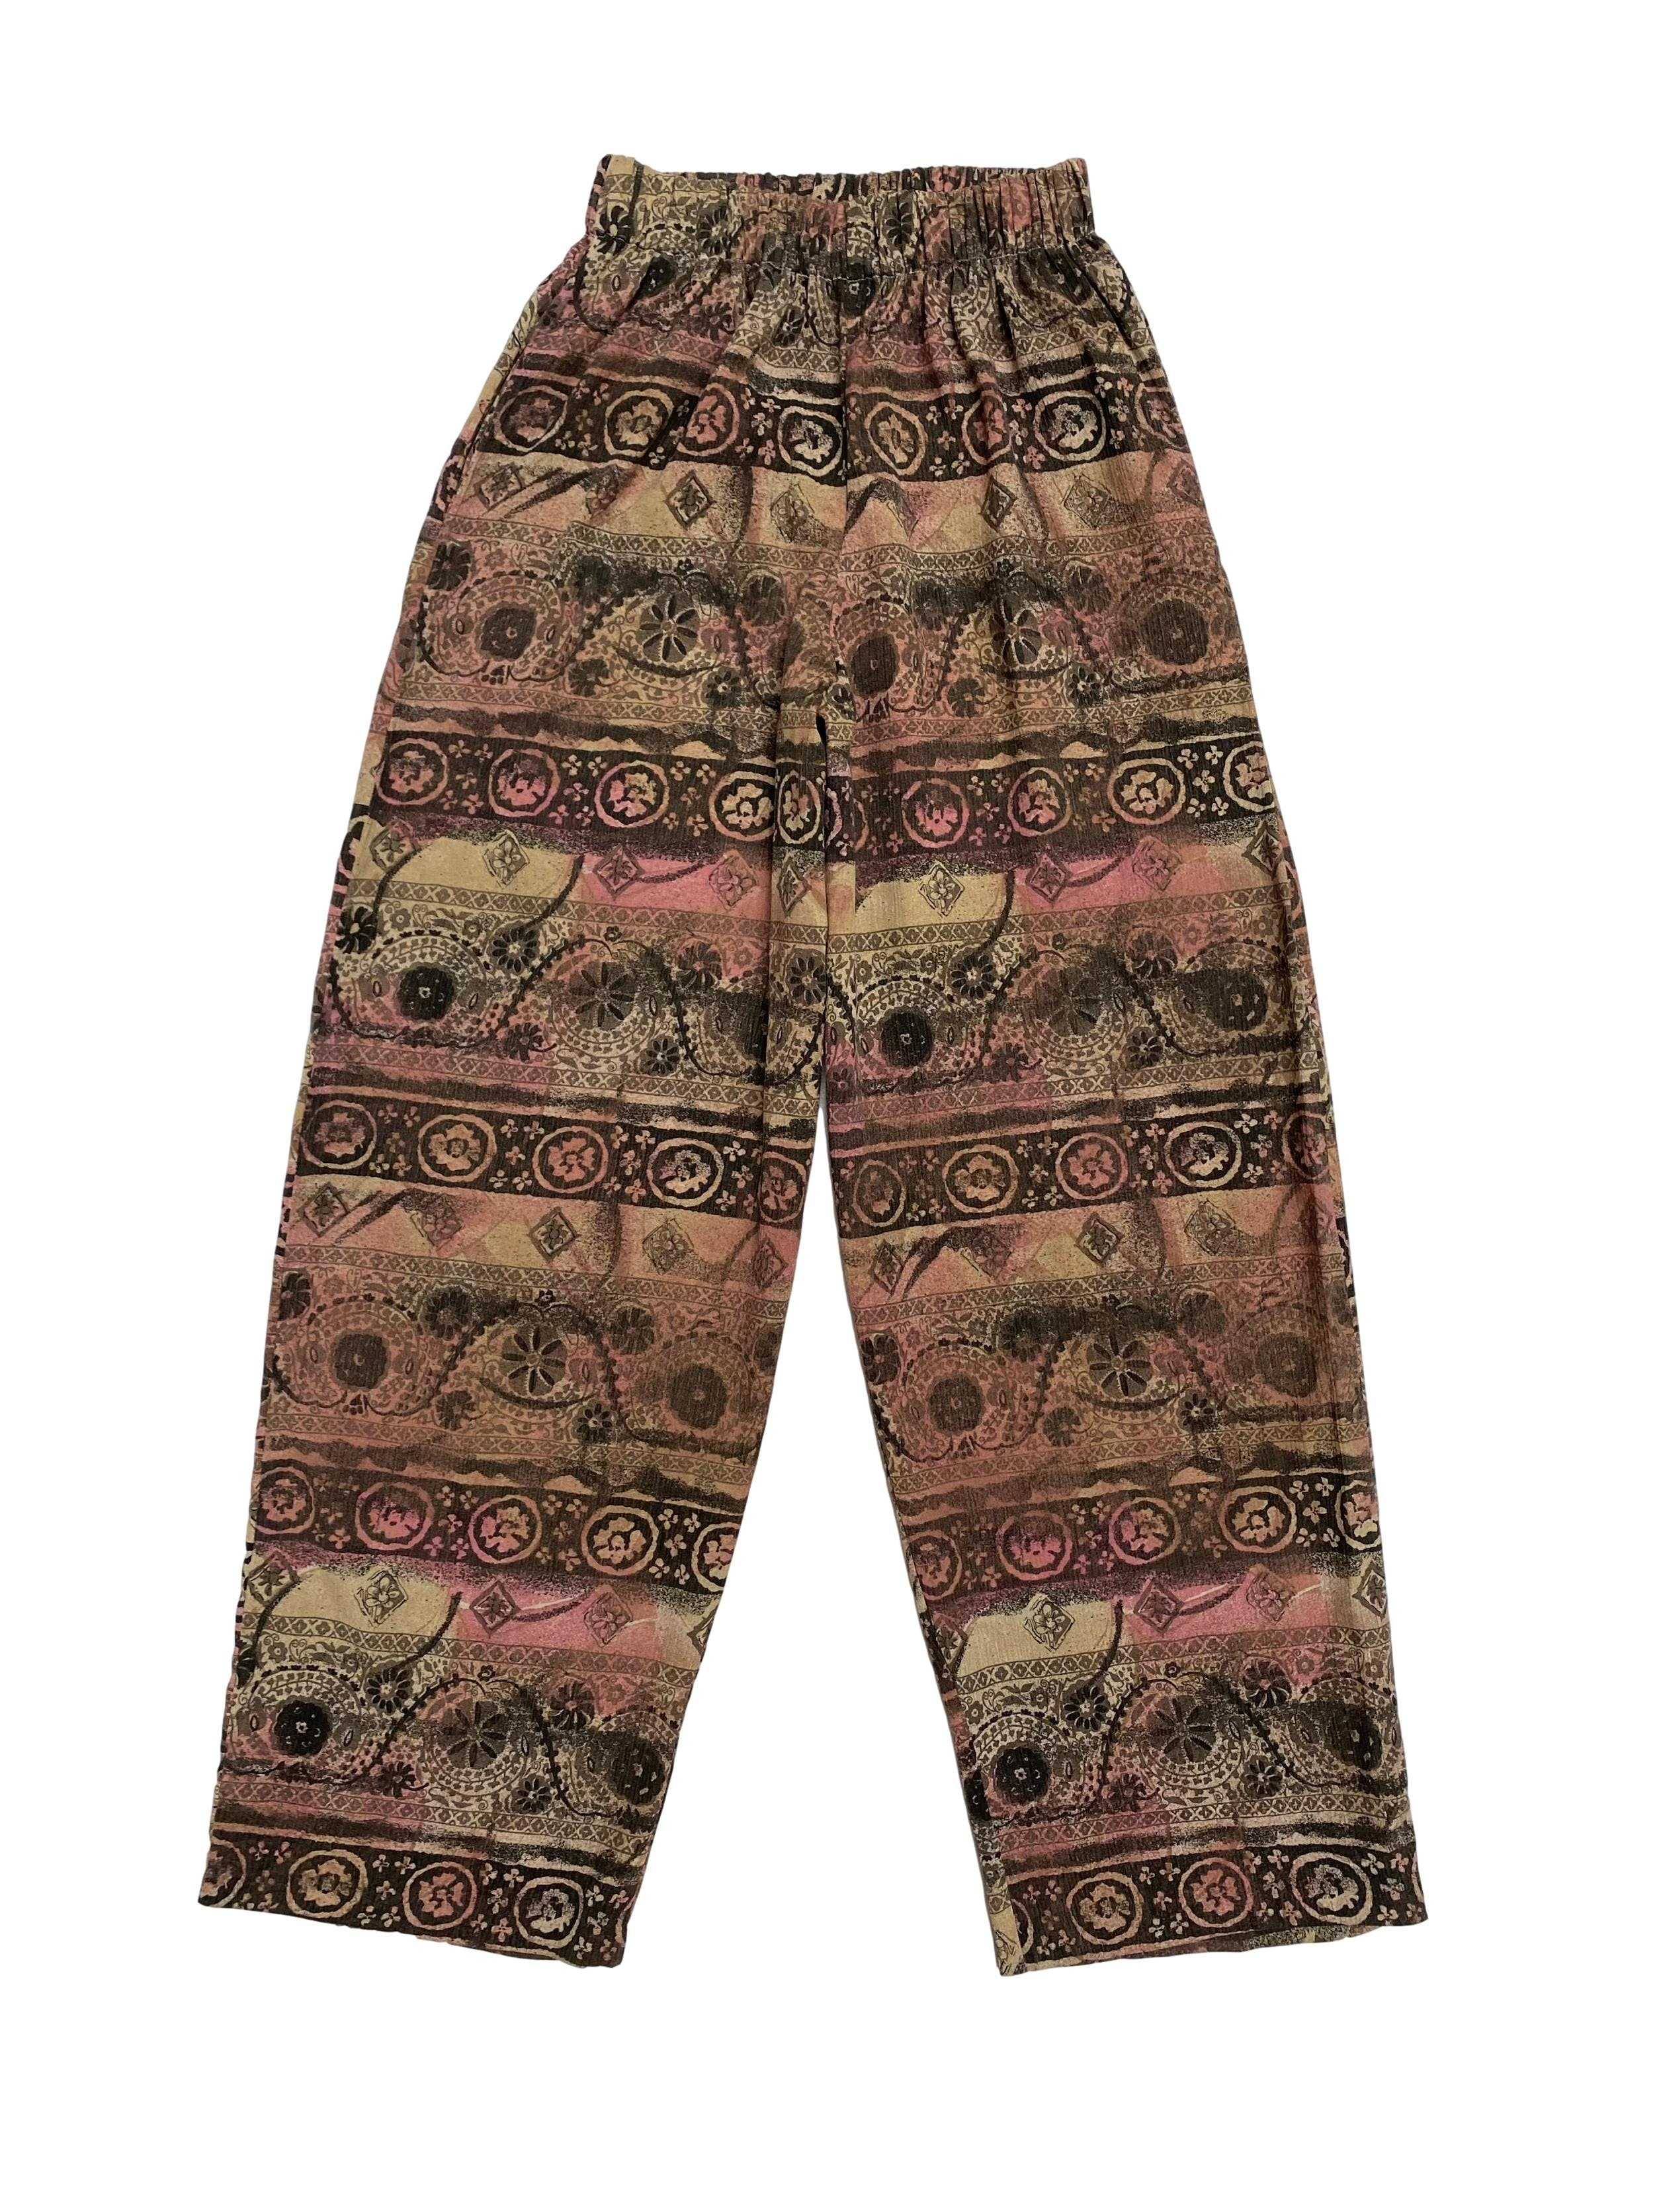 Pantalón vintage tipo hindú con elástico en la cintura y bolsillos laterales, corte recto super fresco. Cintura 62cm (sin estirar)